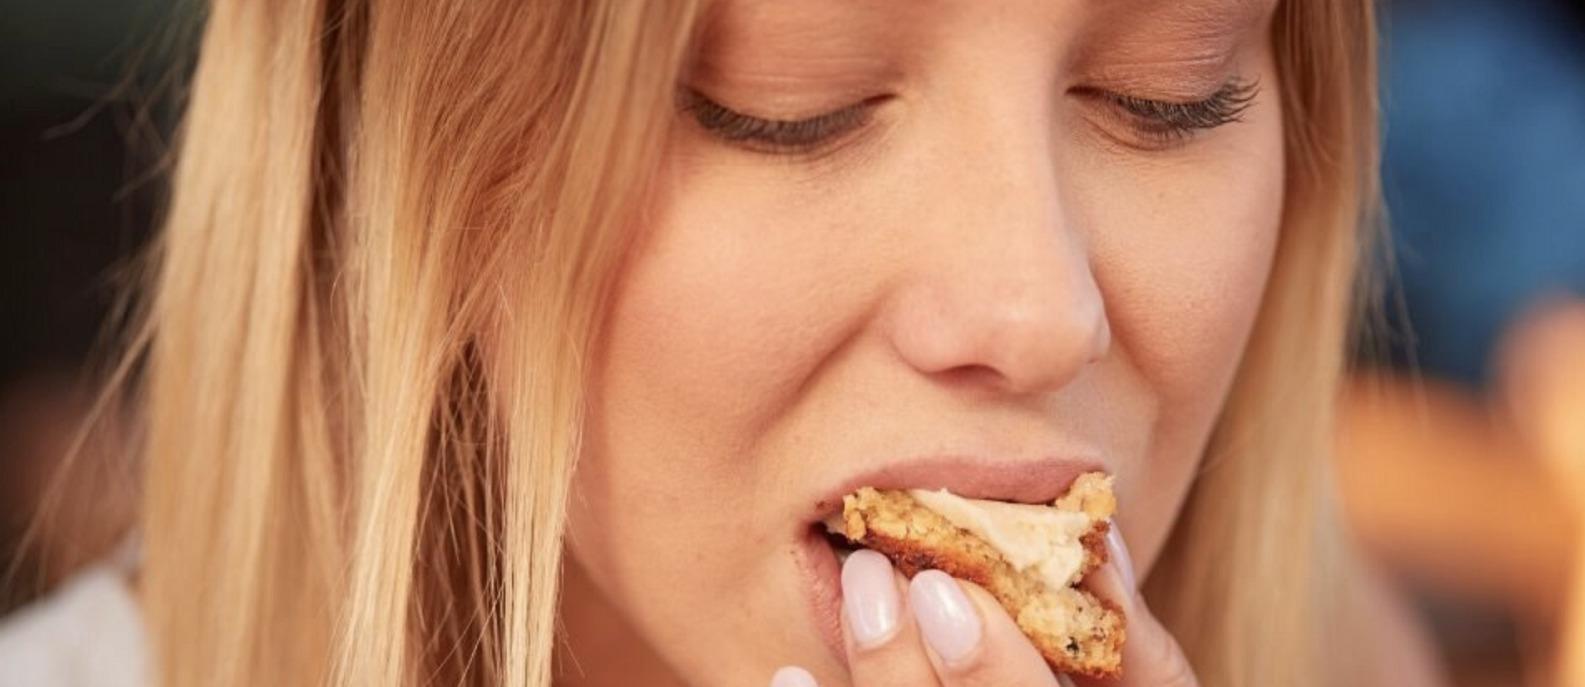 間食から「捕食」へスイッチして体を整える10の方法